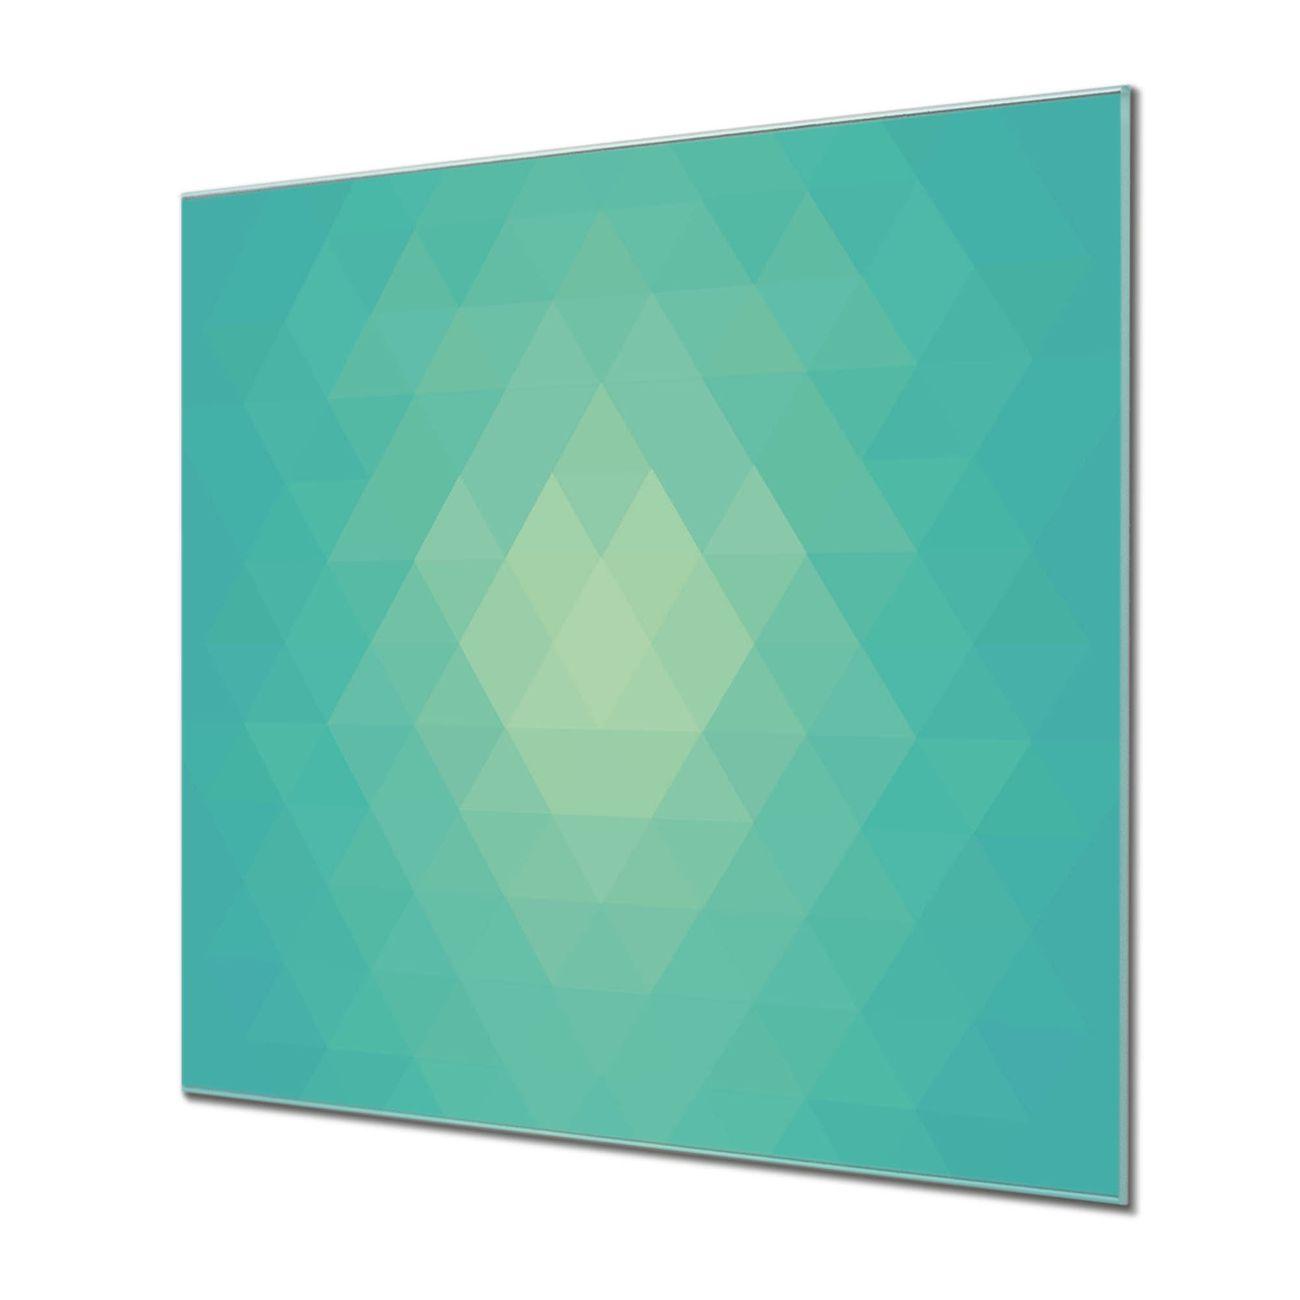 Küchenrückwand Glas Motiv Meeresblau – Bild 1